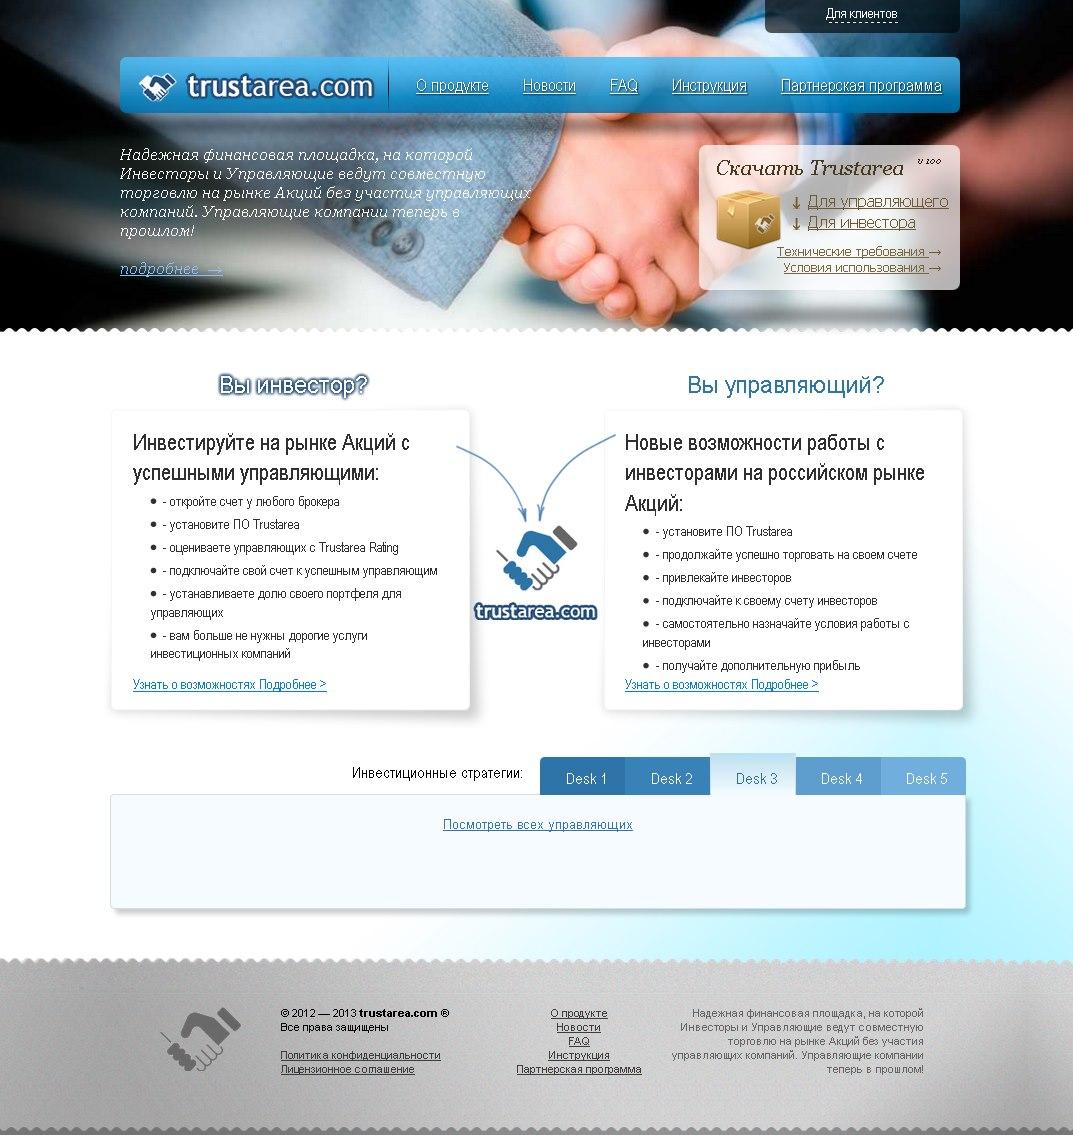 Верстка сайта trustarea.com